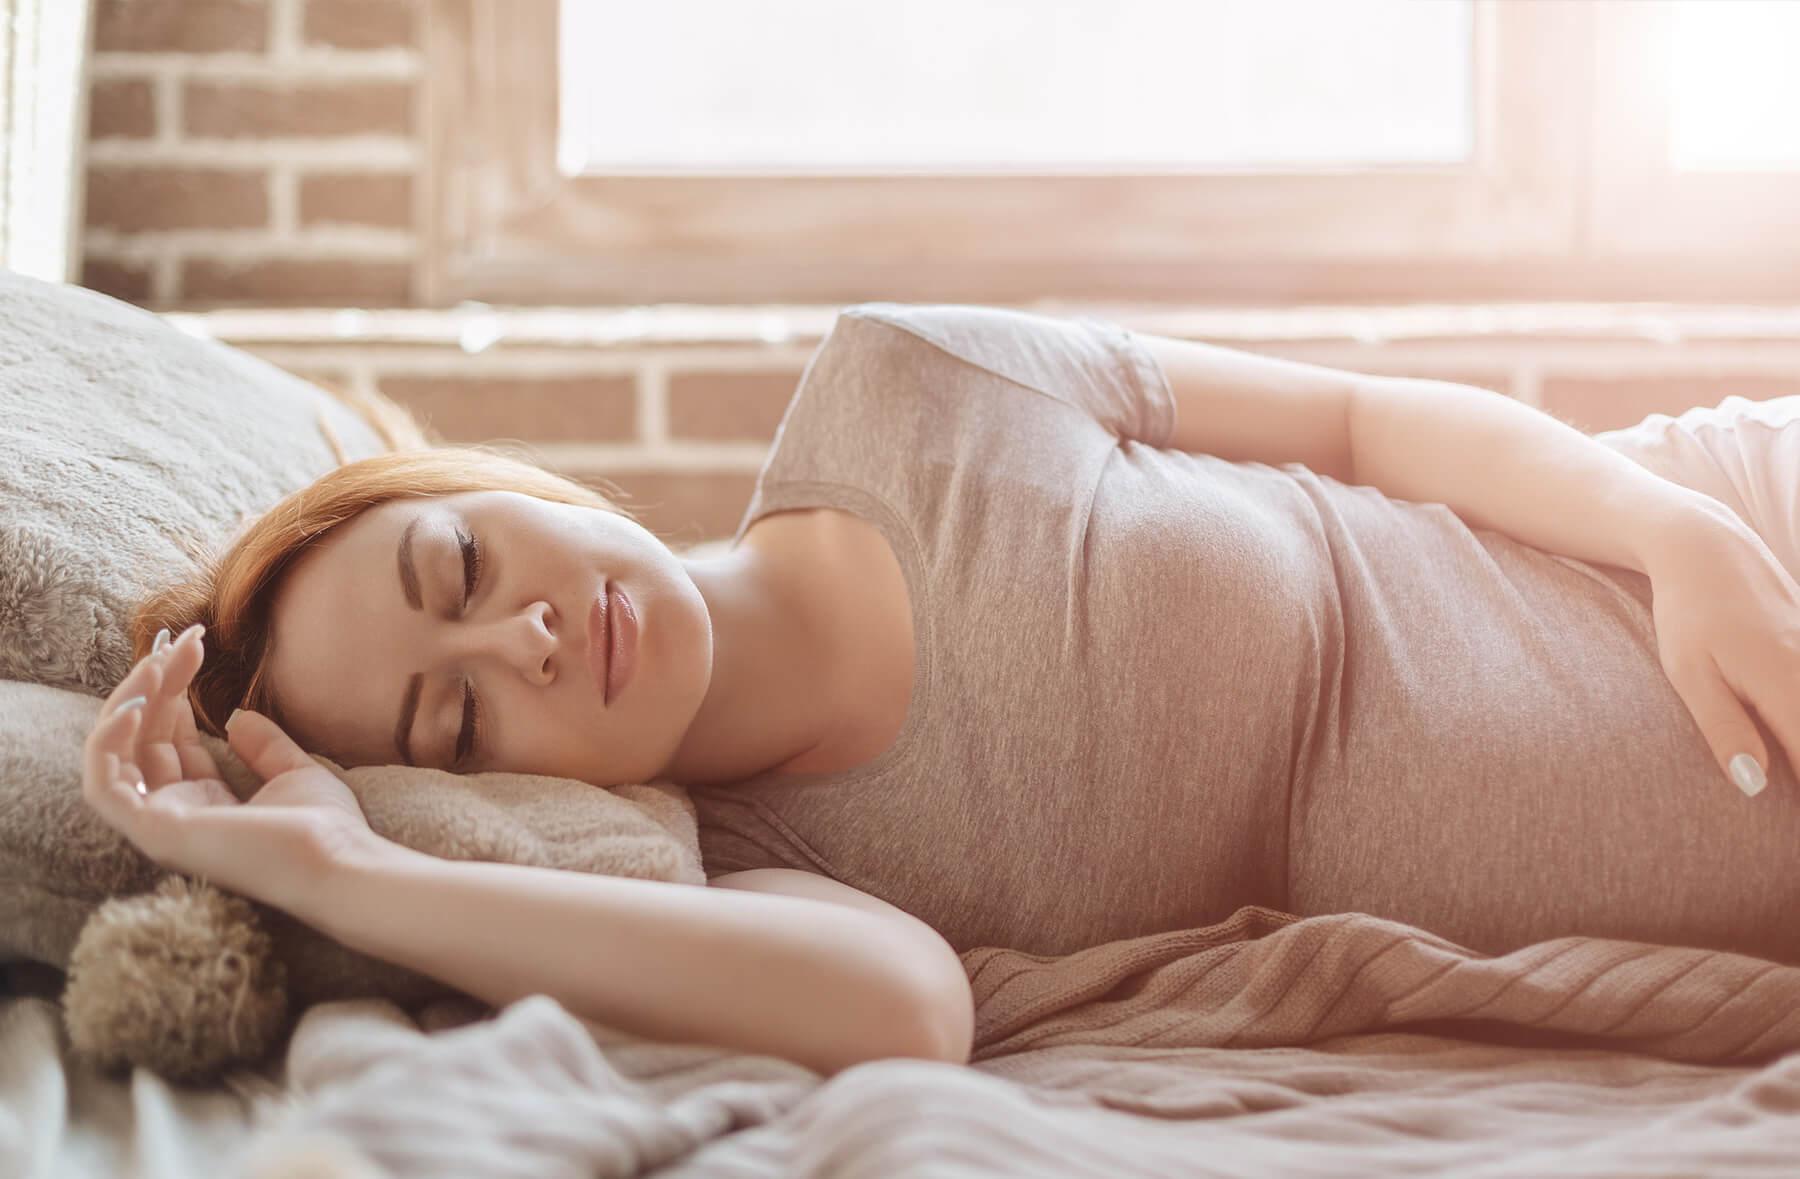 Milchsäurebakterien für das Gleichgewicht des weiblichen Intimbereichs